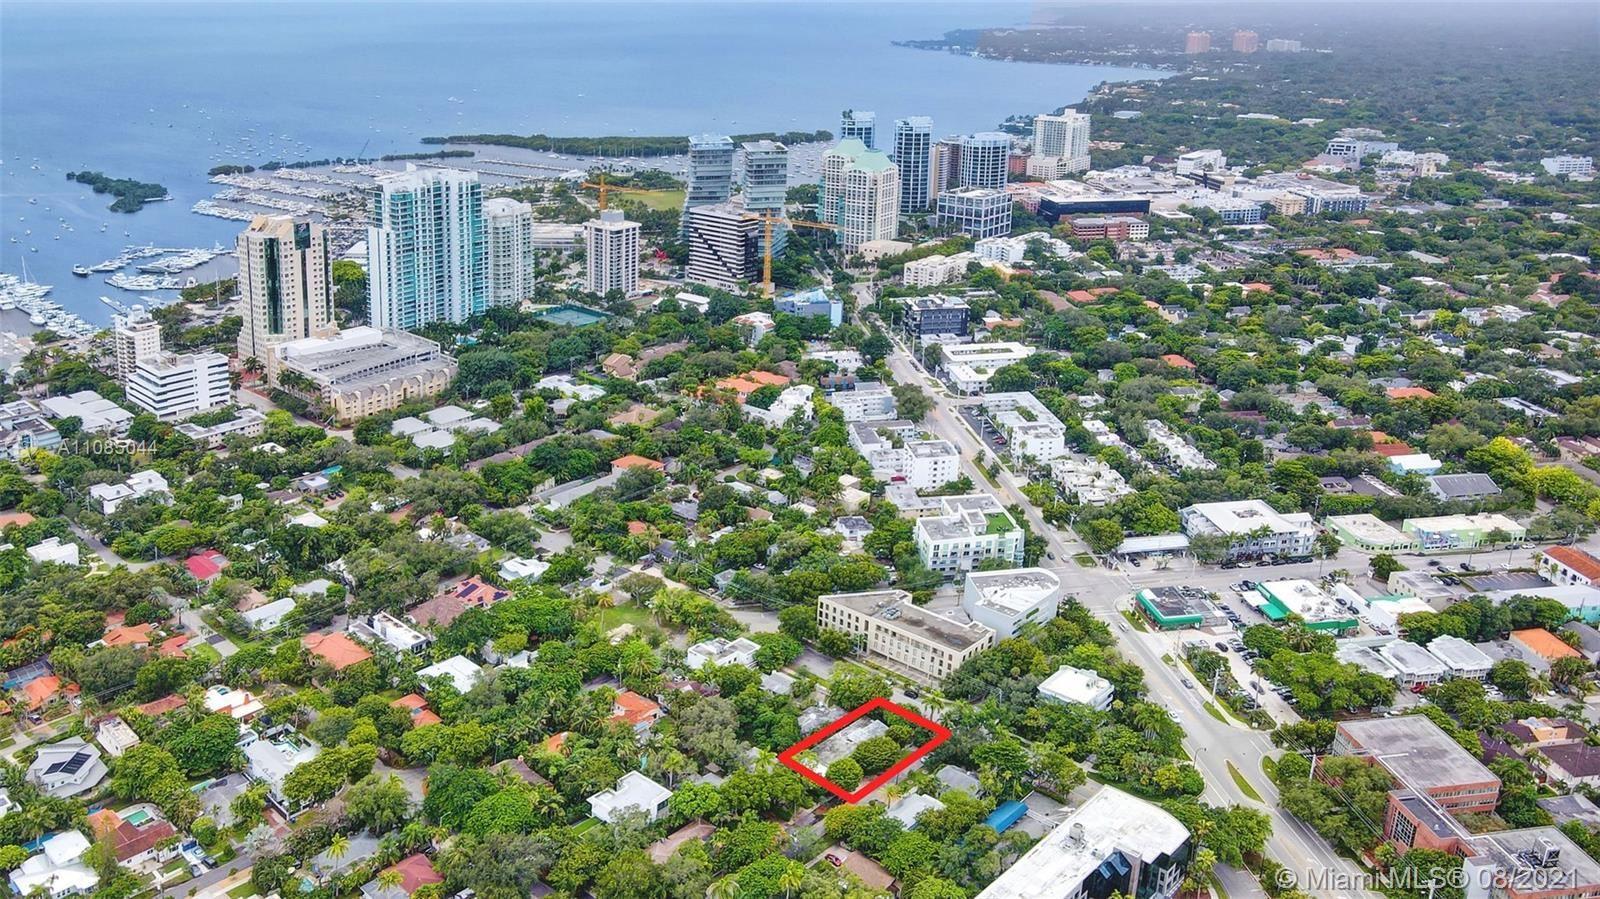 2584 Inagua Ave, Coconut Grove, FL 33133 - #: A11085044